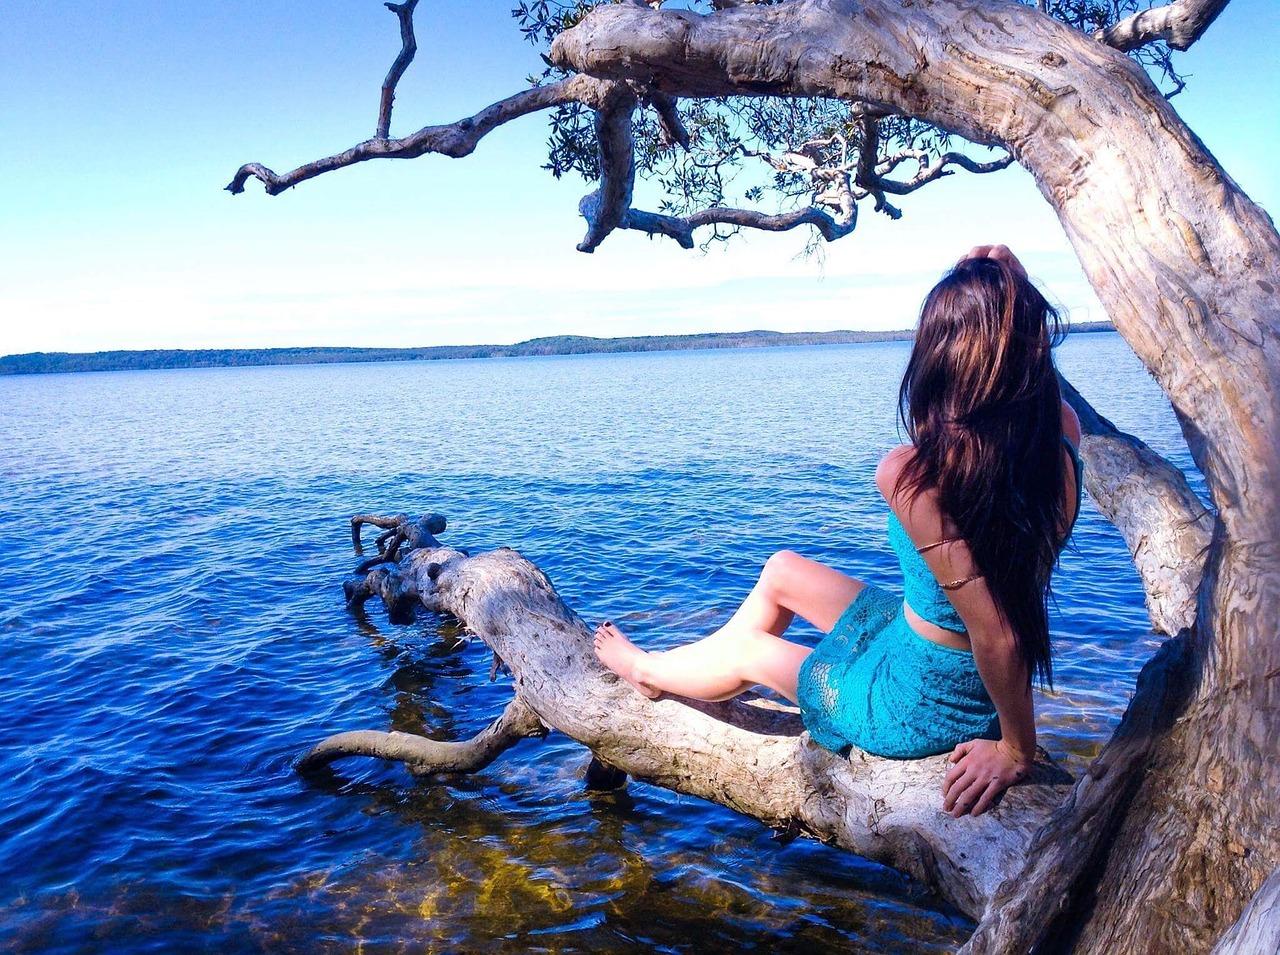 Frau sitzt auf einem Ast oberhalb des Sees